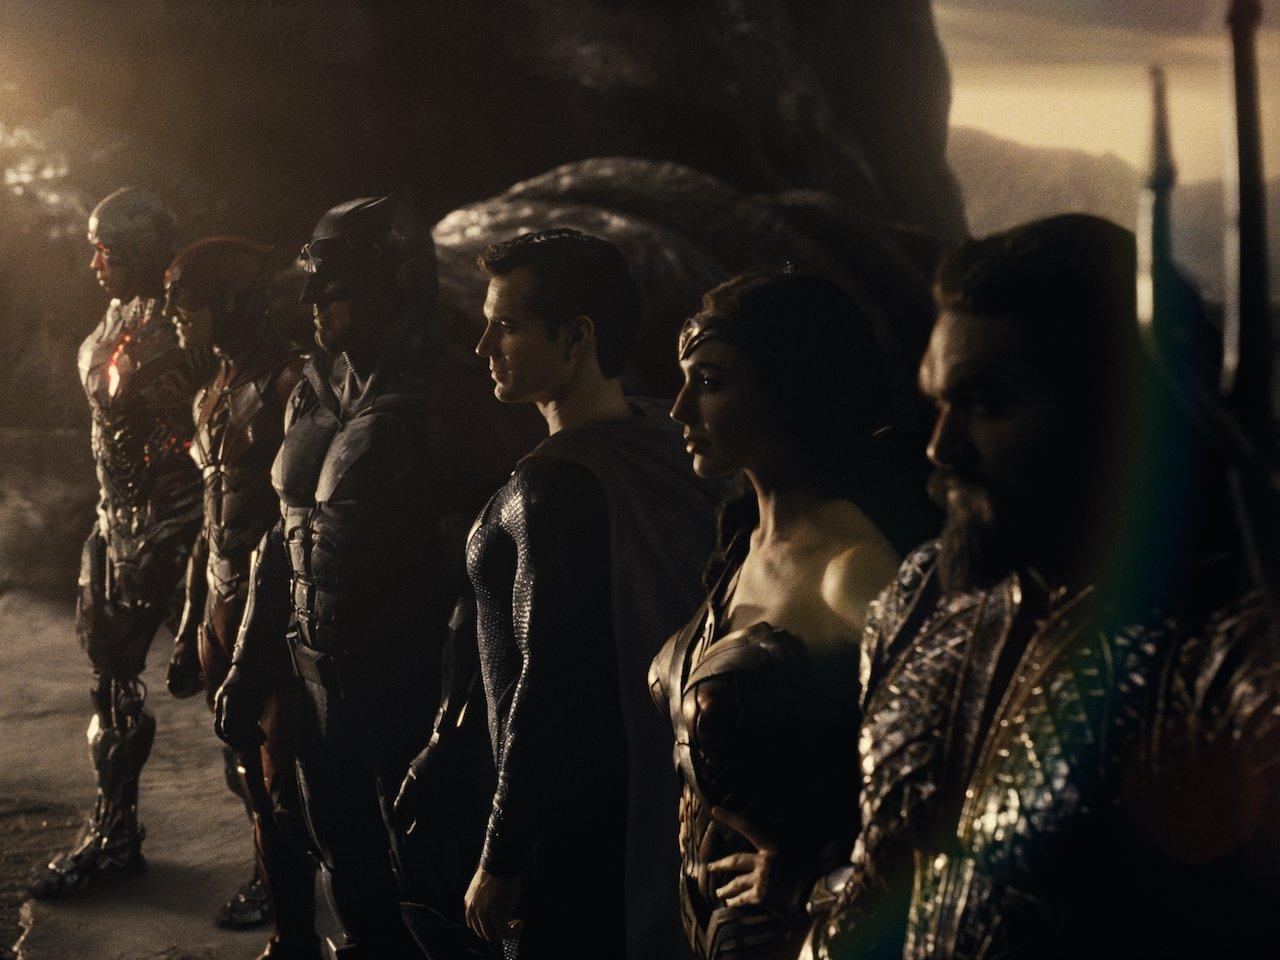 Zack Snyder's Justice League dal 18 marzo su Sky Cinema e NOW TV